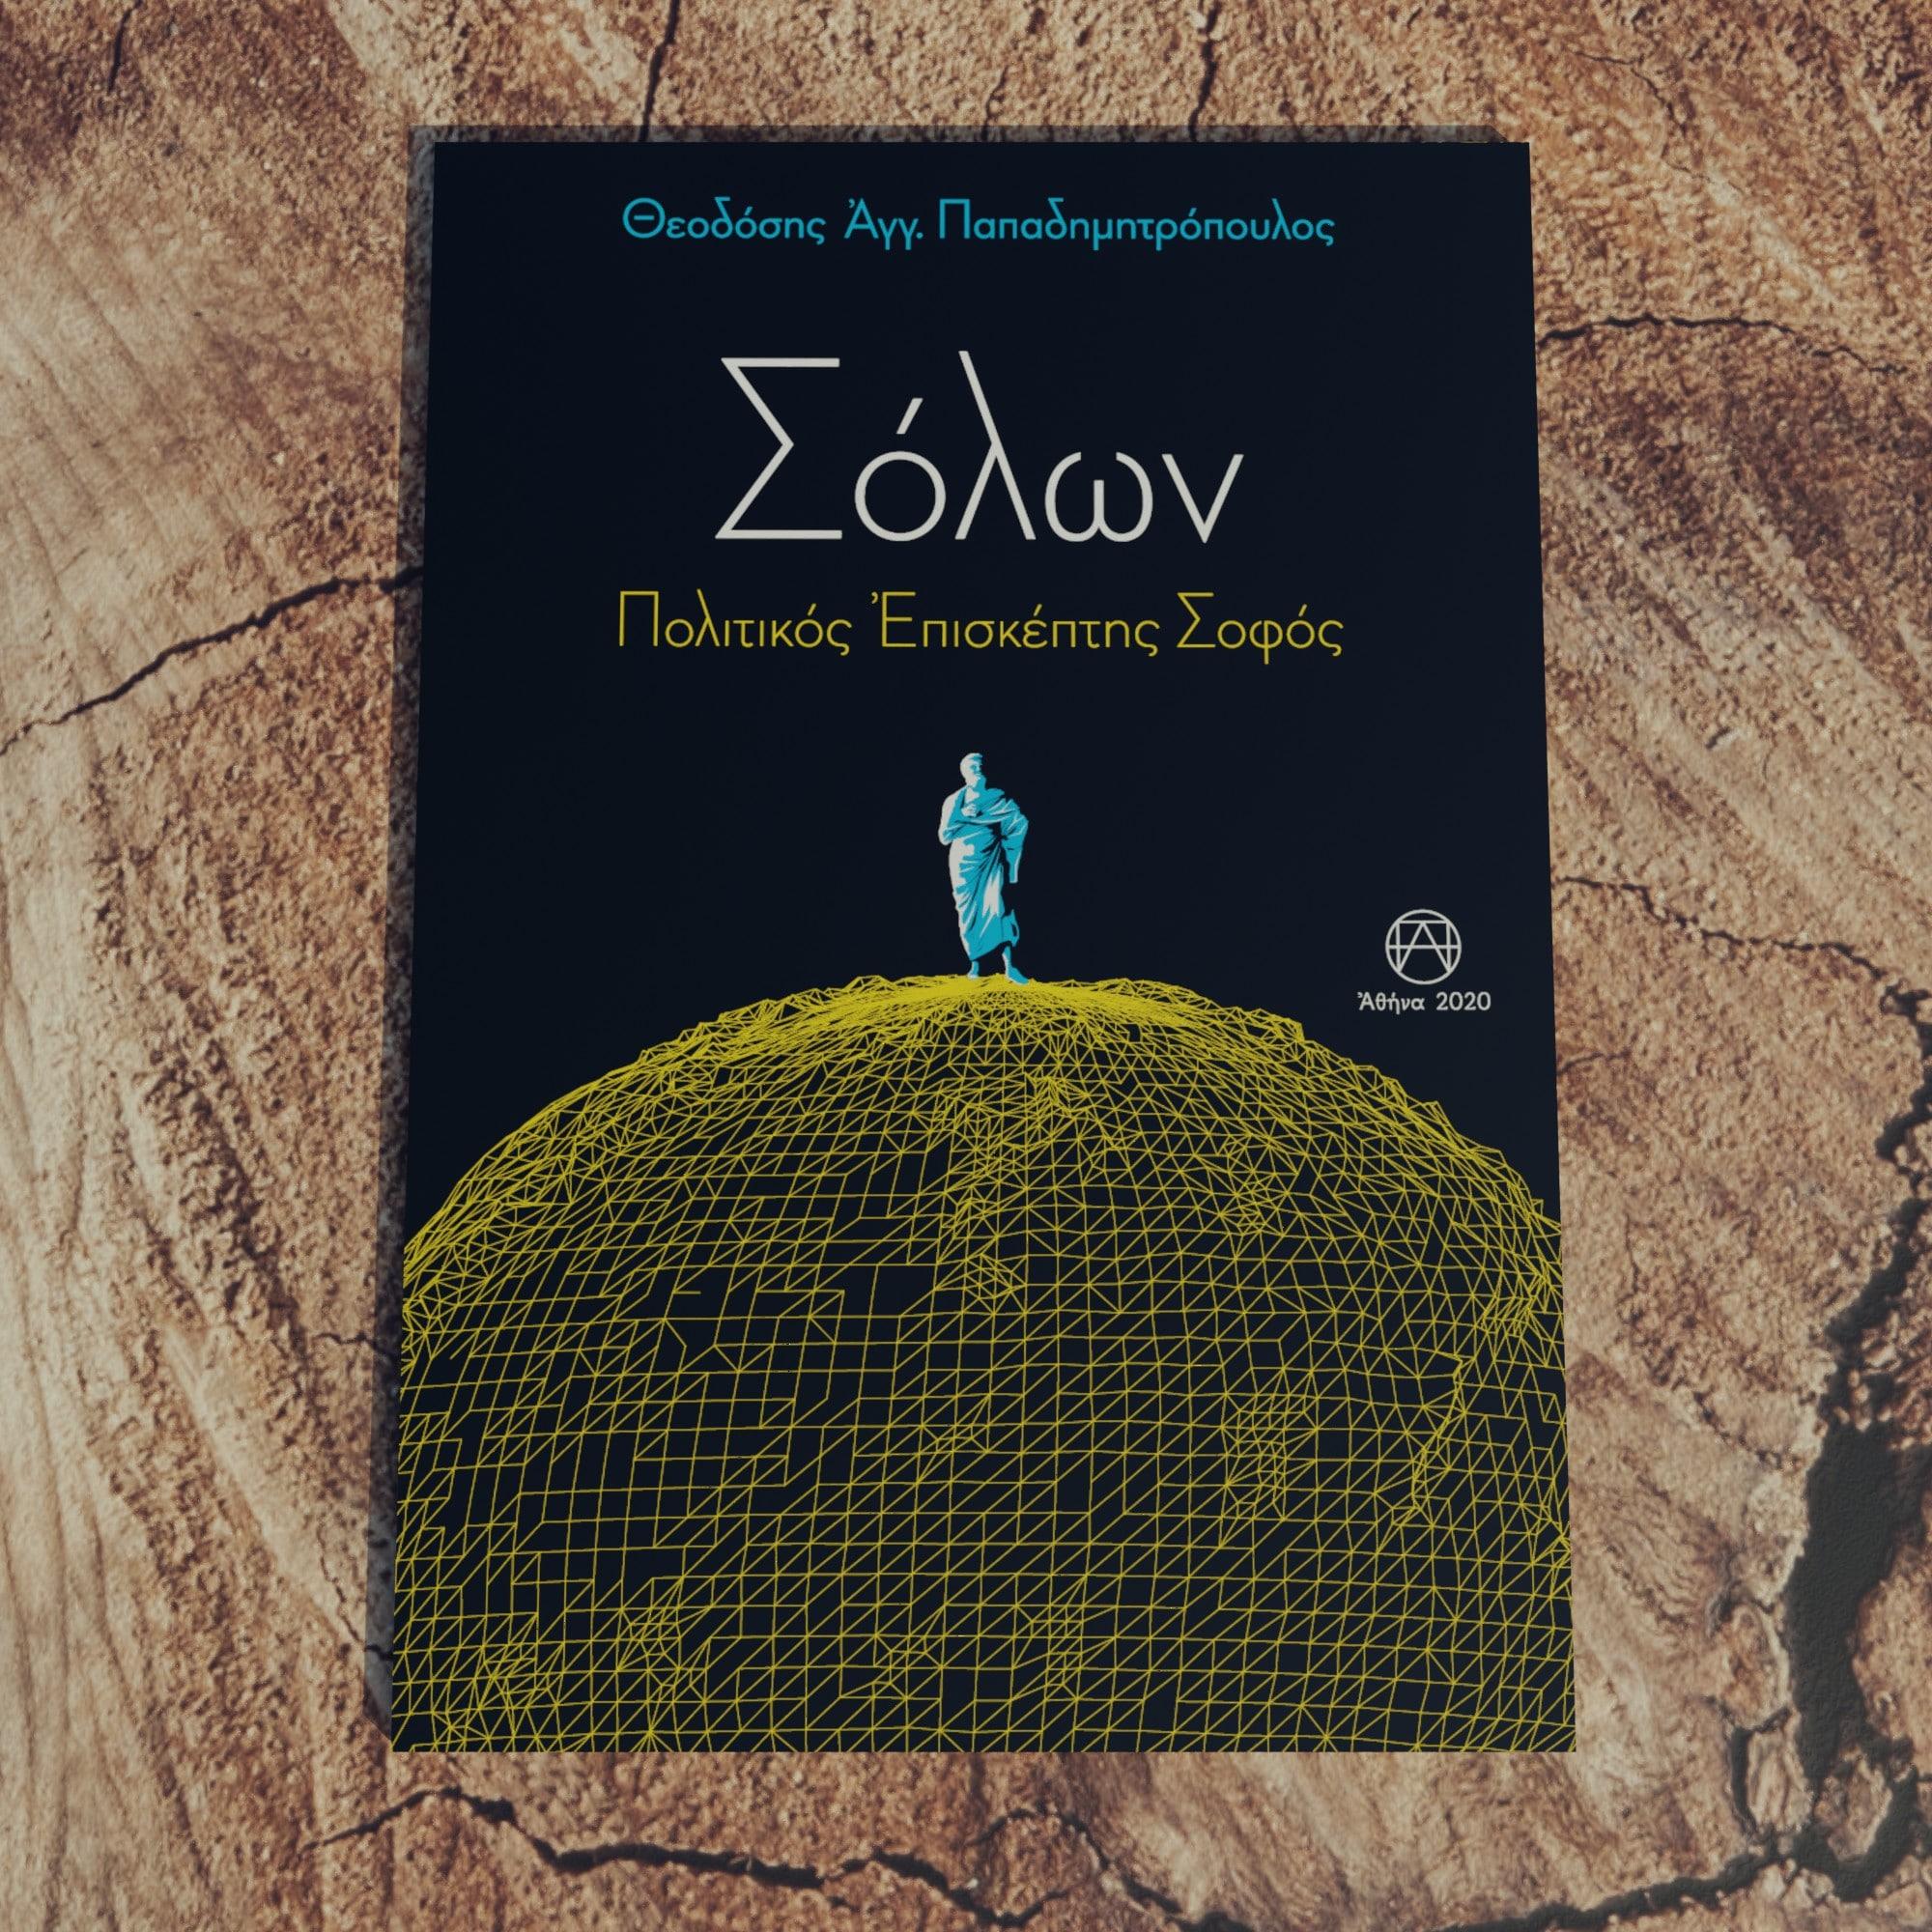 σόλων-θεοδόσης-αγγ-παπαδημητρόπουλος